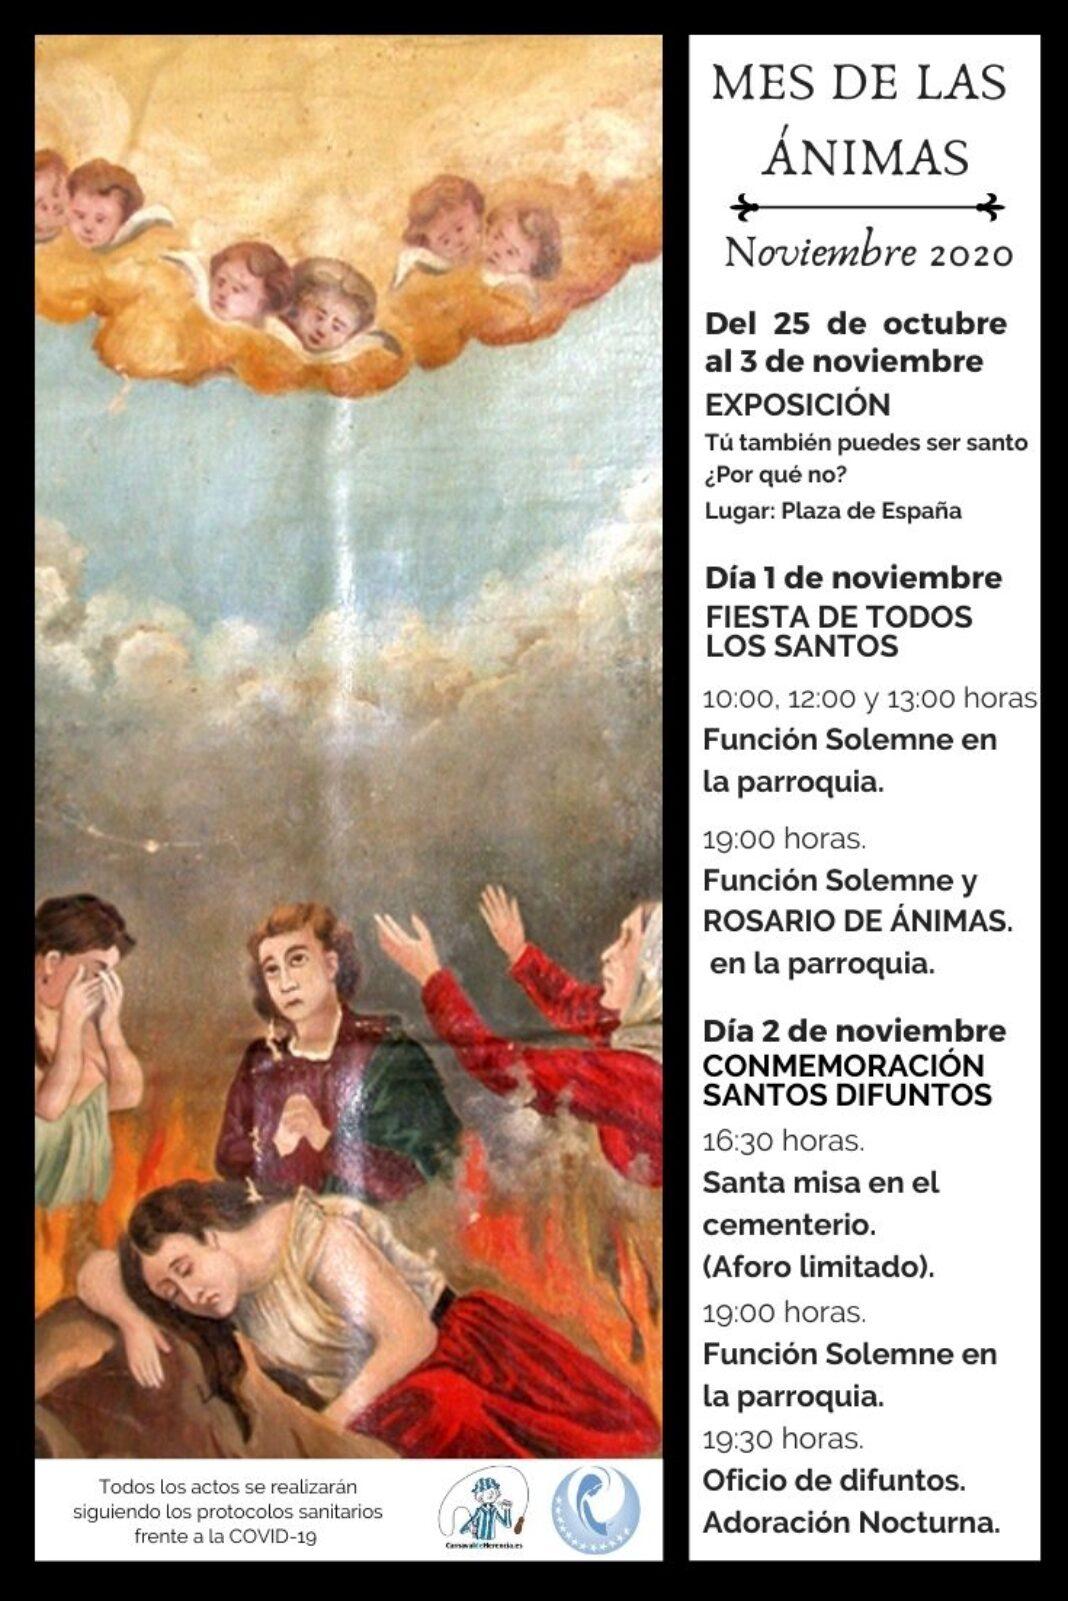 Copia de Mes de las animas2020 1068x1601 - Celebración del Rosario de Ánimas y otras actividades del mes de las ánimas en Herencia